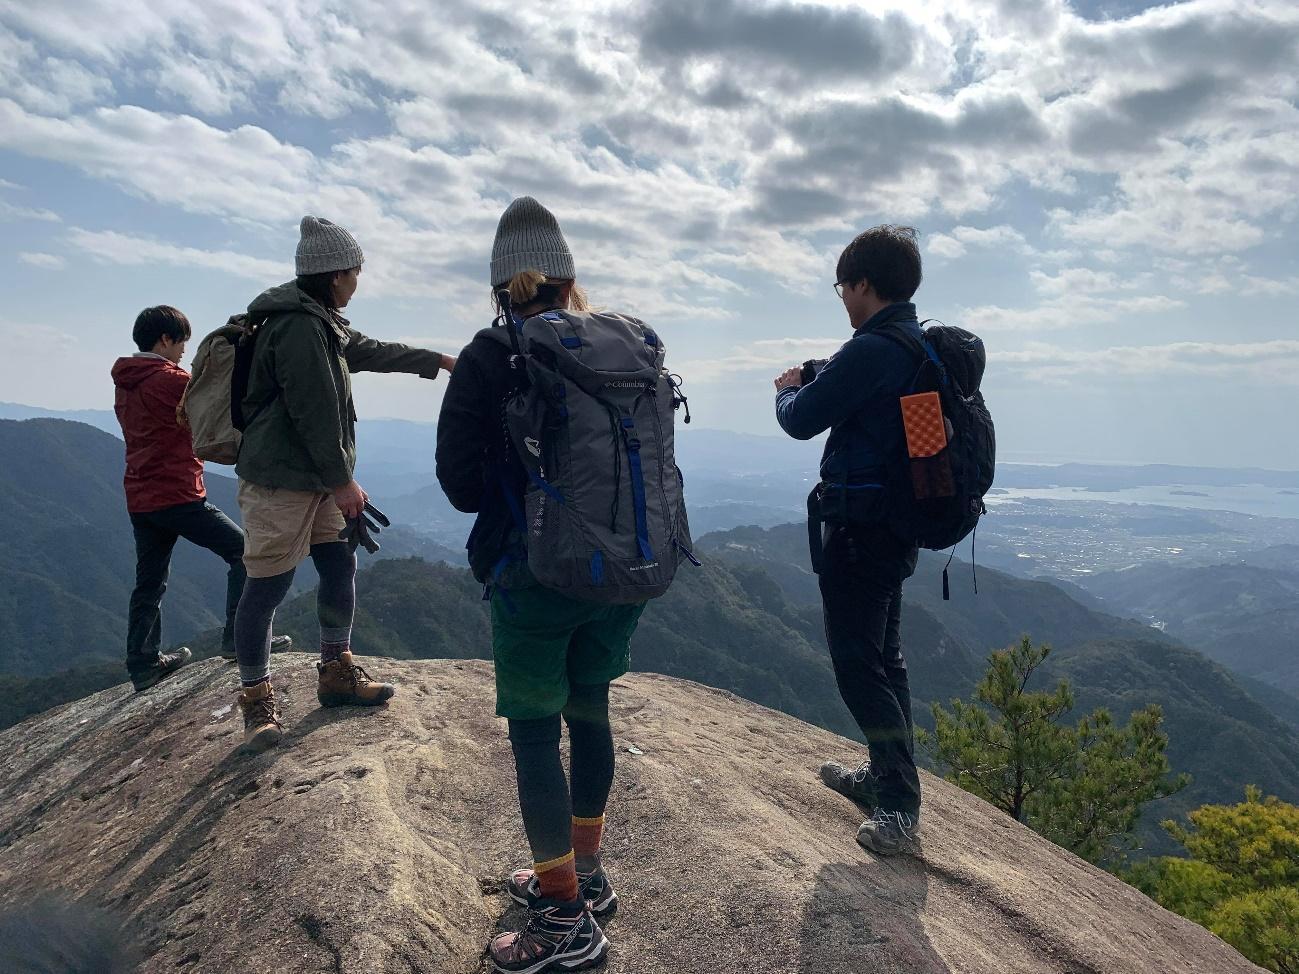 岩の上に立っている男性たち  中程度の精度で自動的に生成された説明